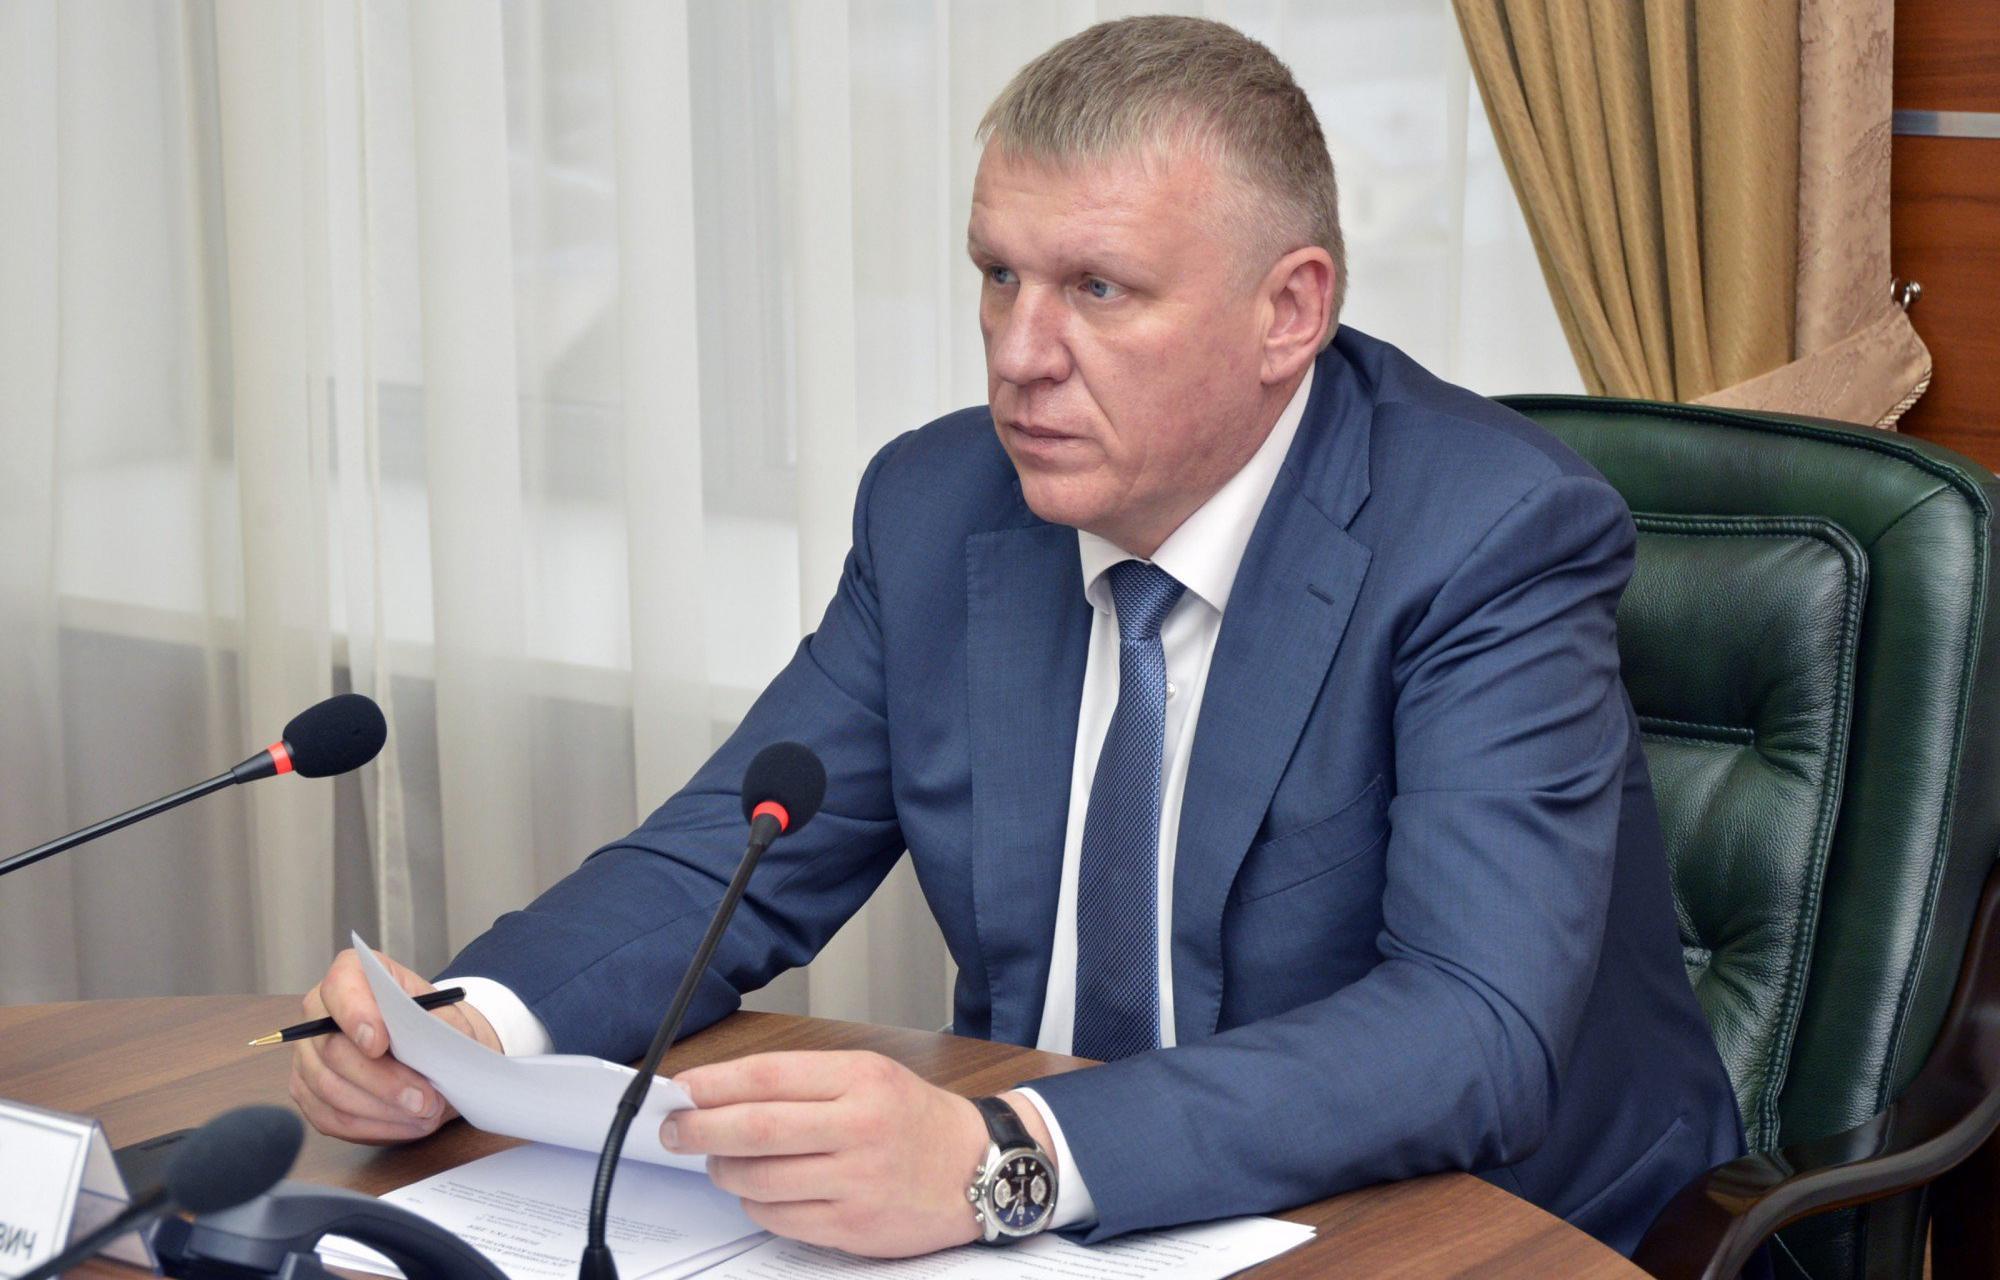 Станислав Петрушенко об отчете губернатора: «Сделано многое, главное – не терять темп» - новости Афанасий